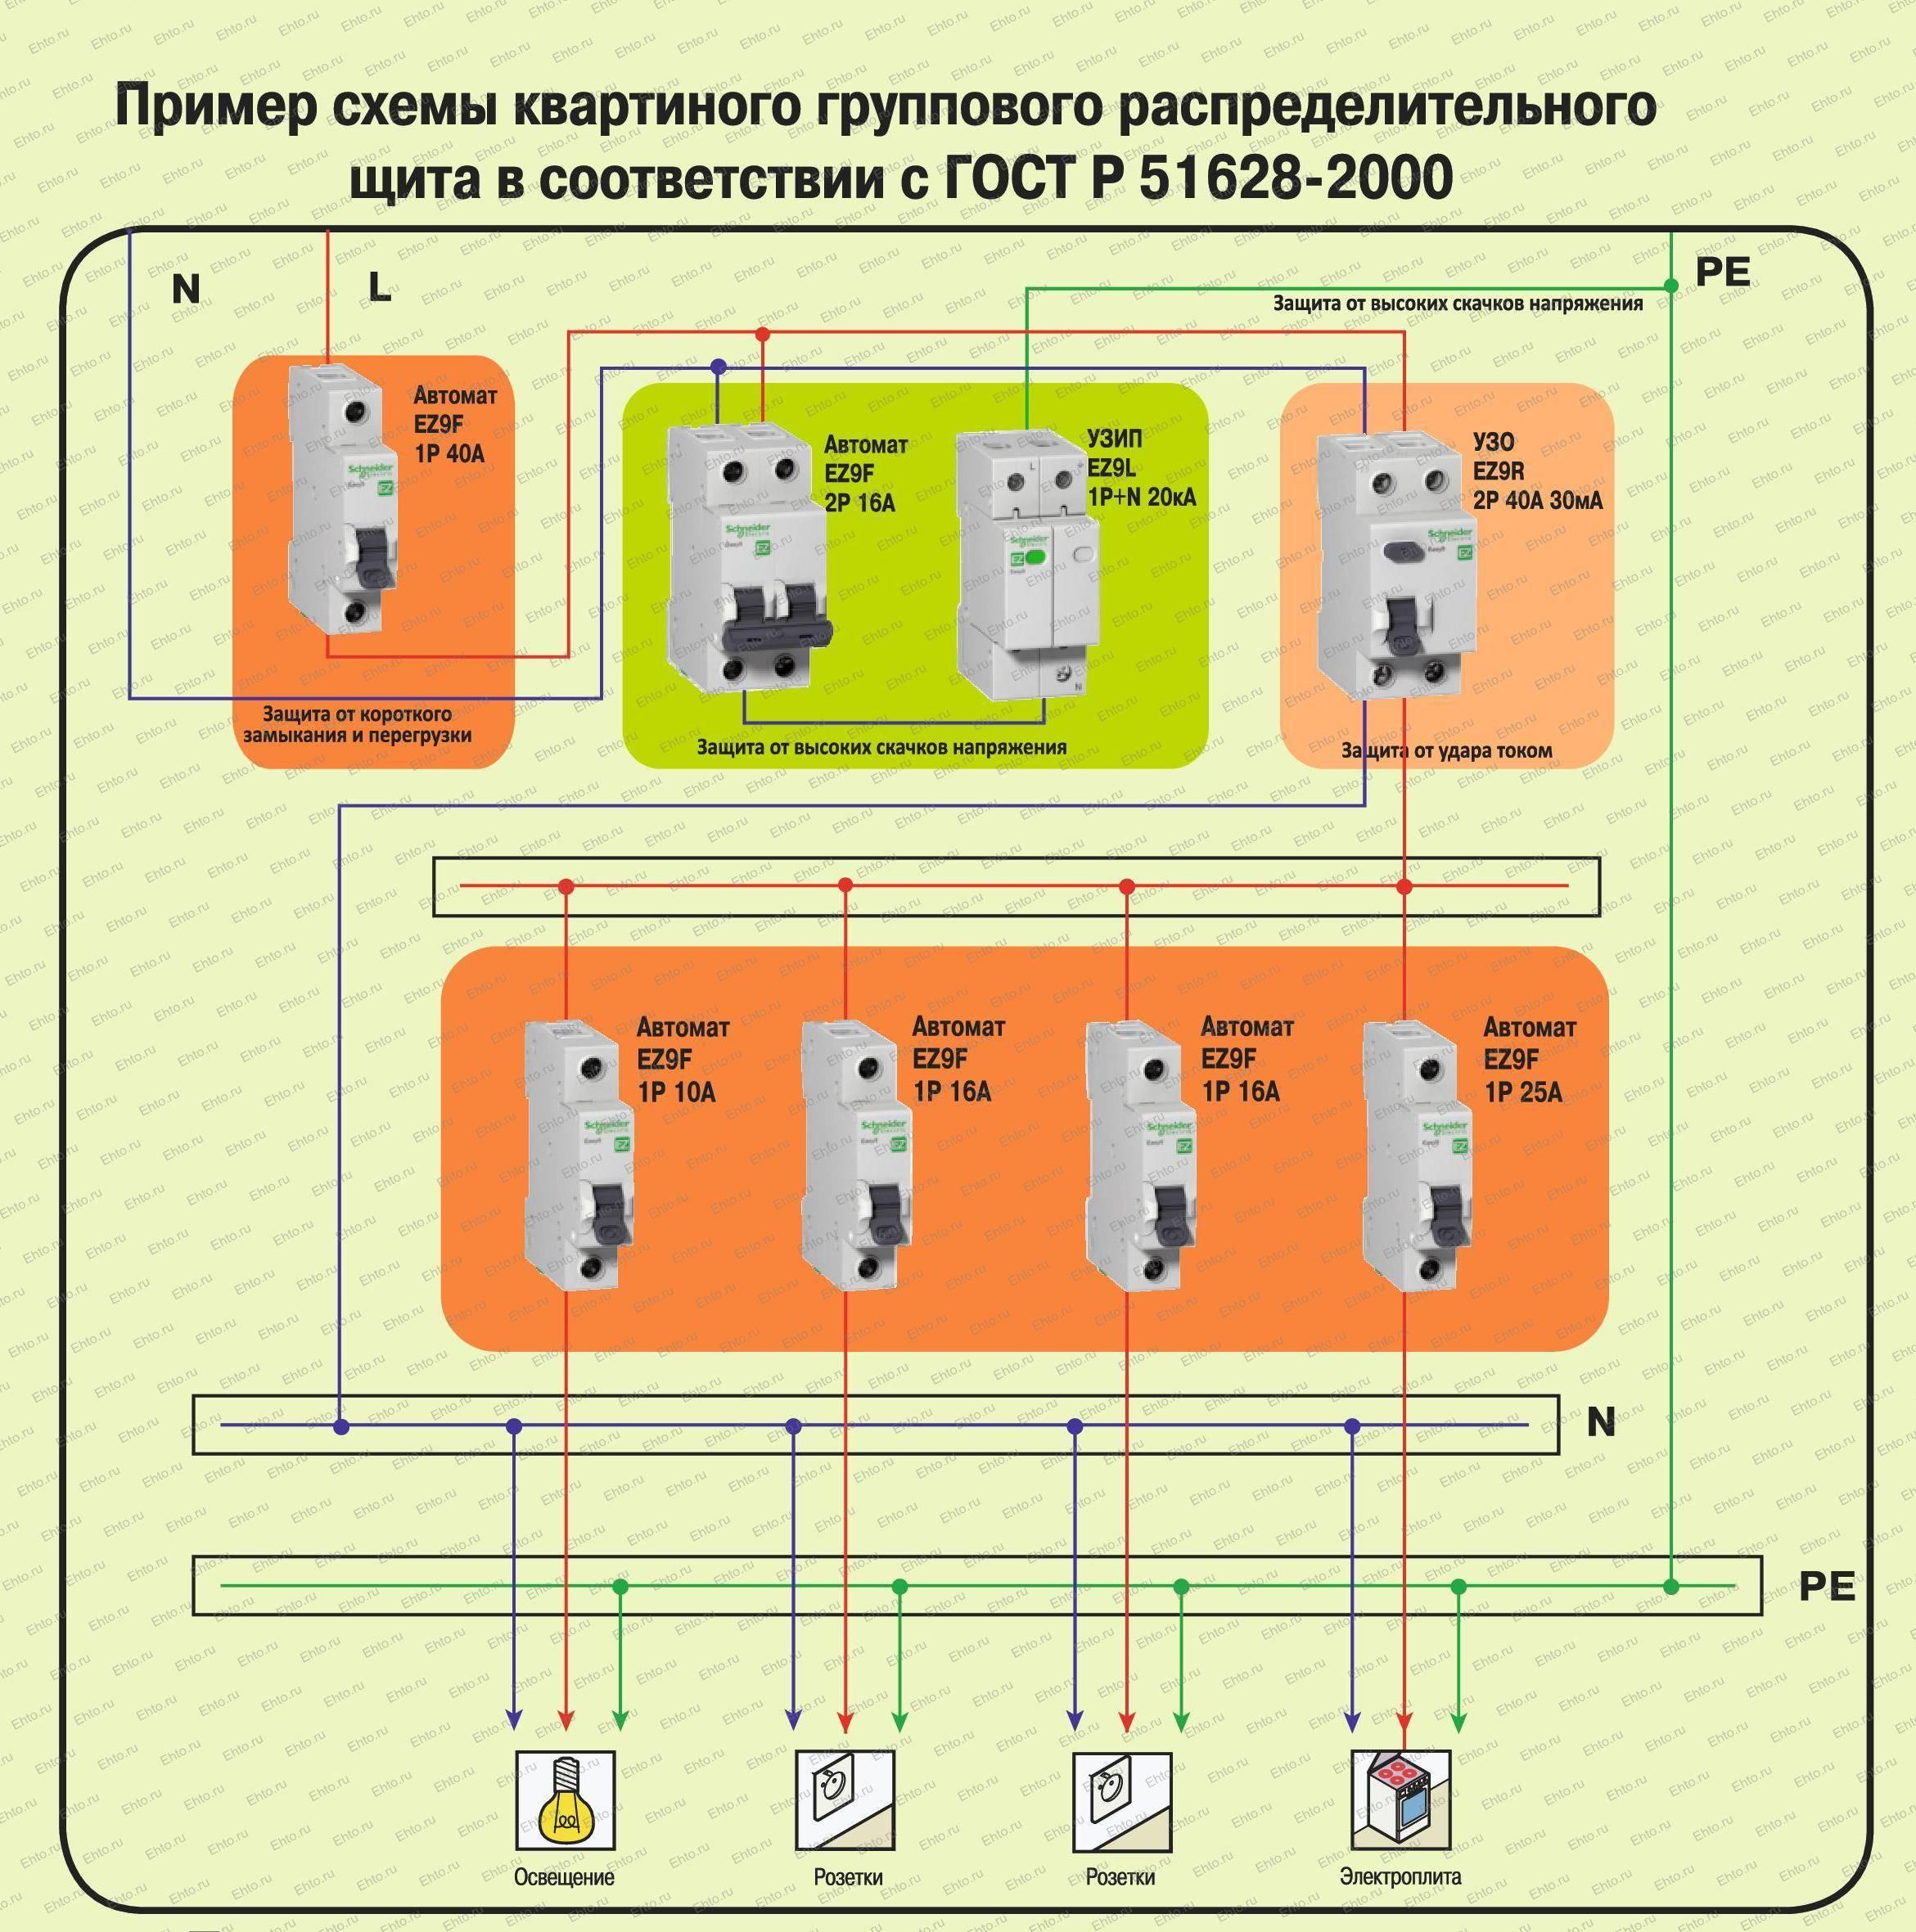 Автомат c2 автоматический выключатель – характеристики, маркировка, применение, схема подключения, компания-производитель, цена